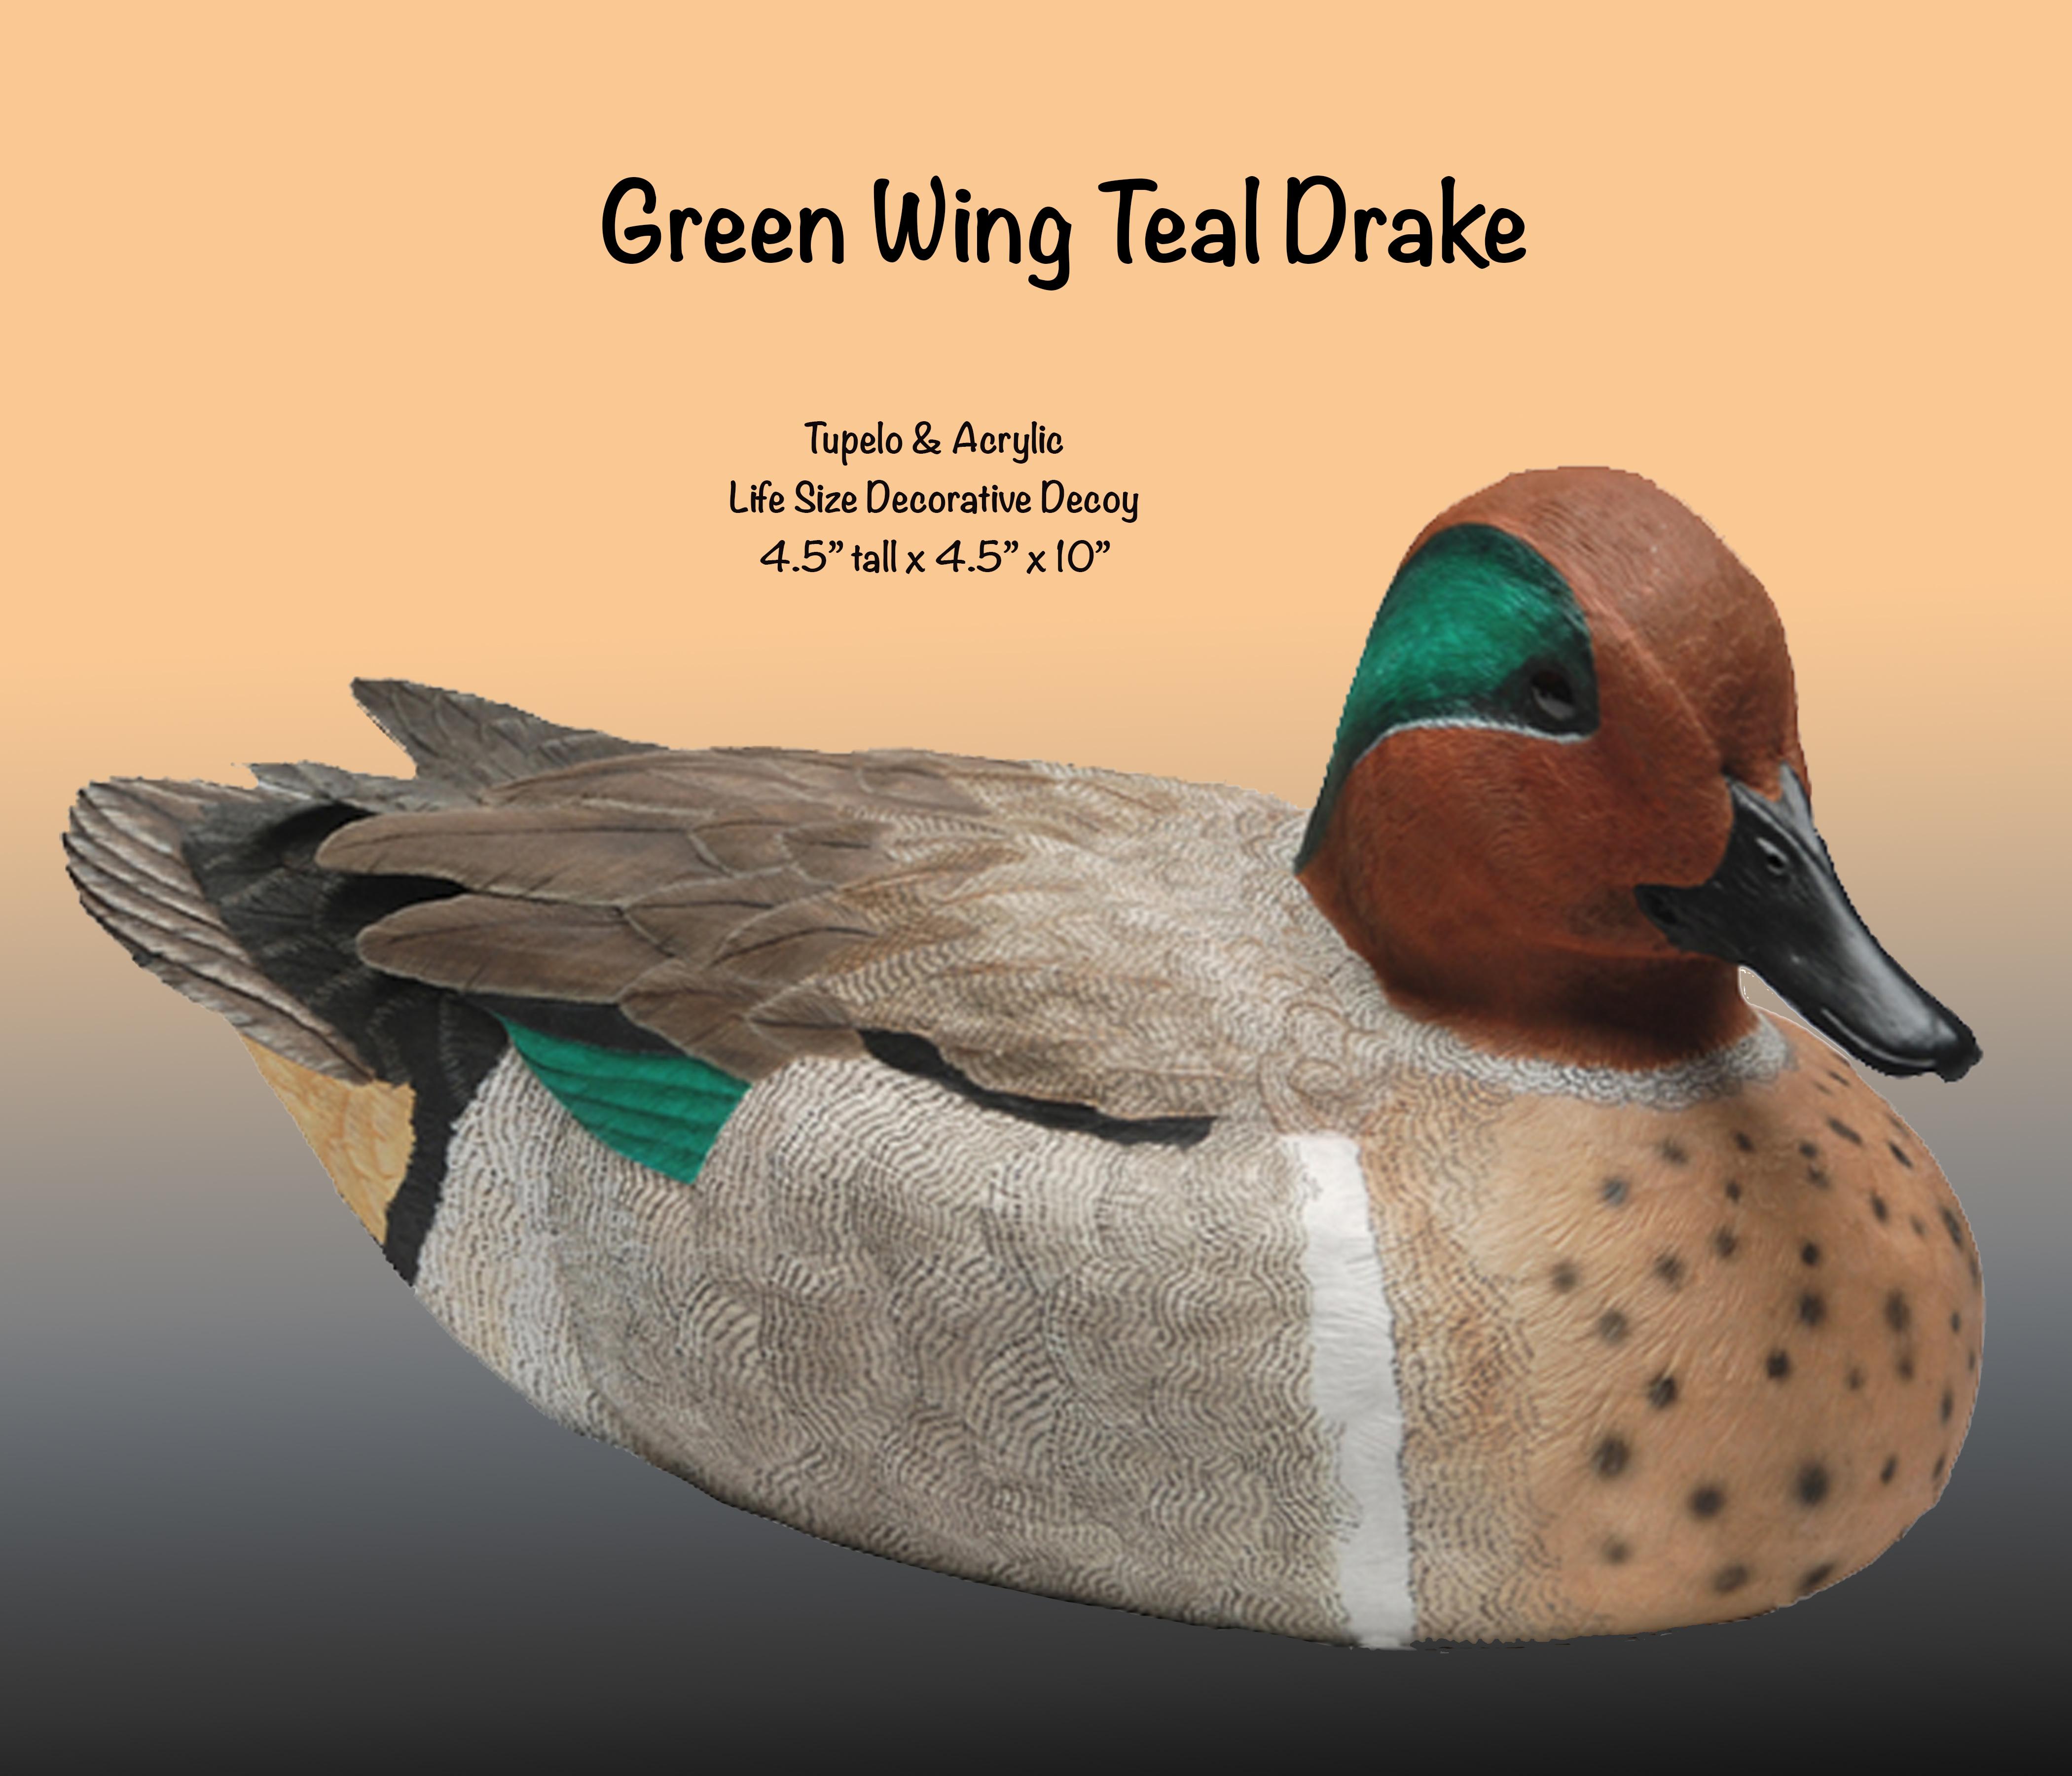 Green Wing Teal Drake